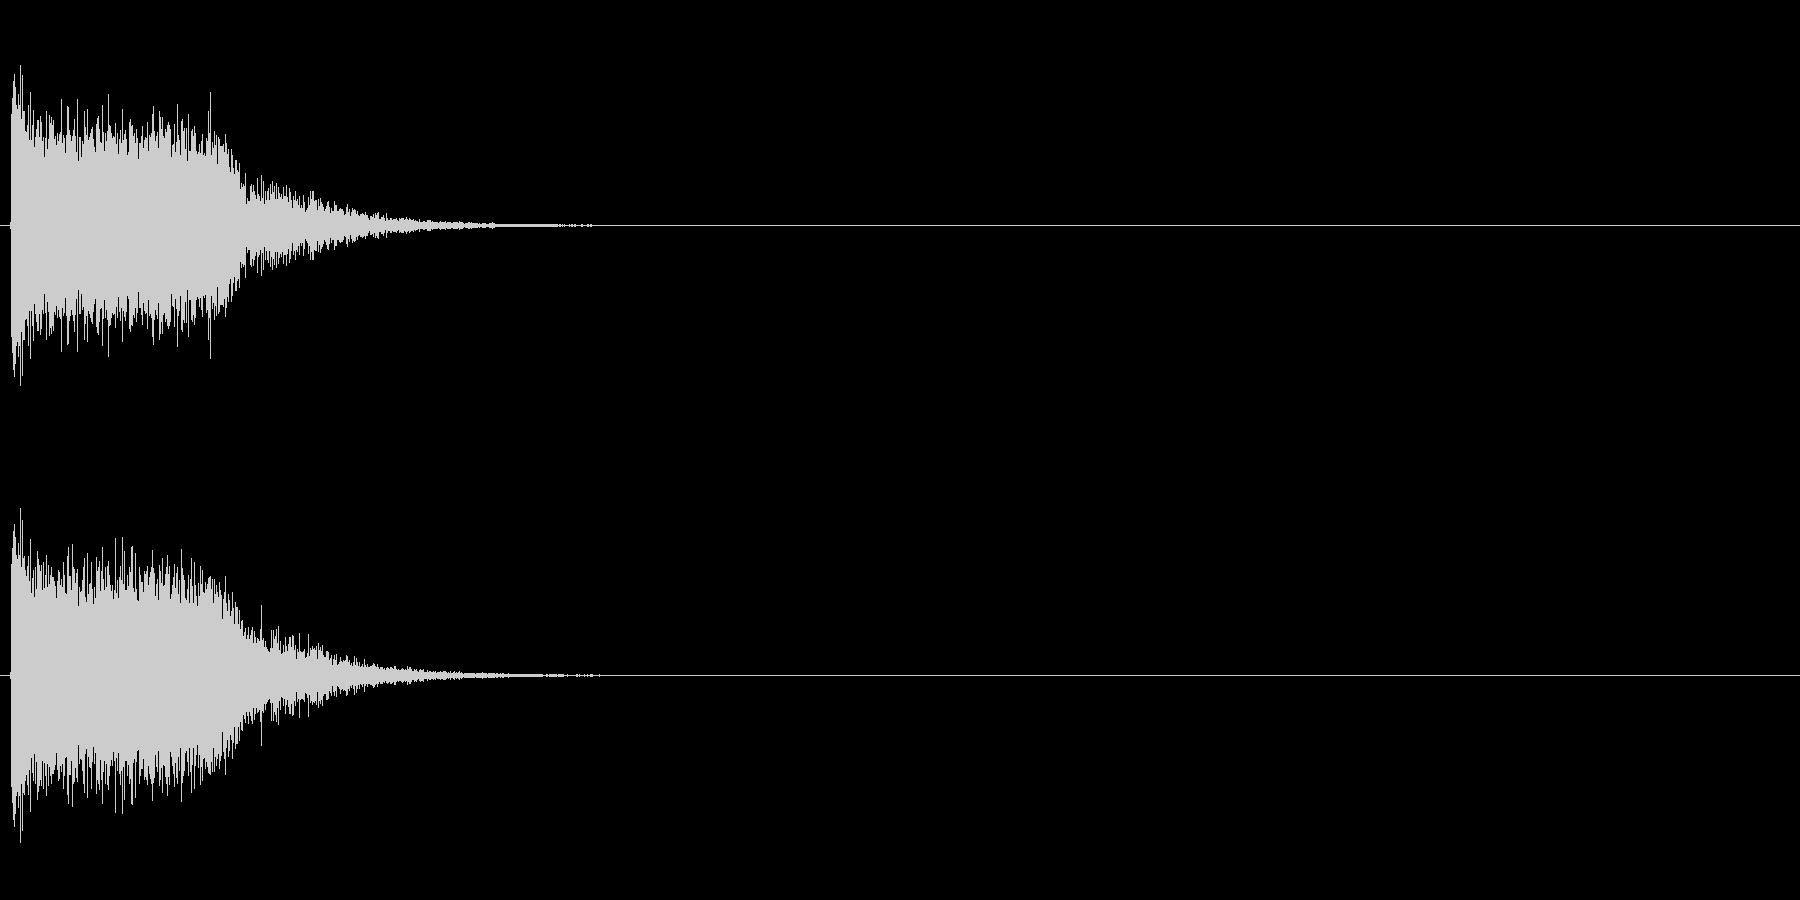 「ギューン!」レーザービーム発射5の未再生の波形